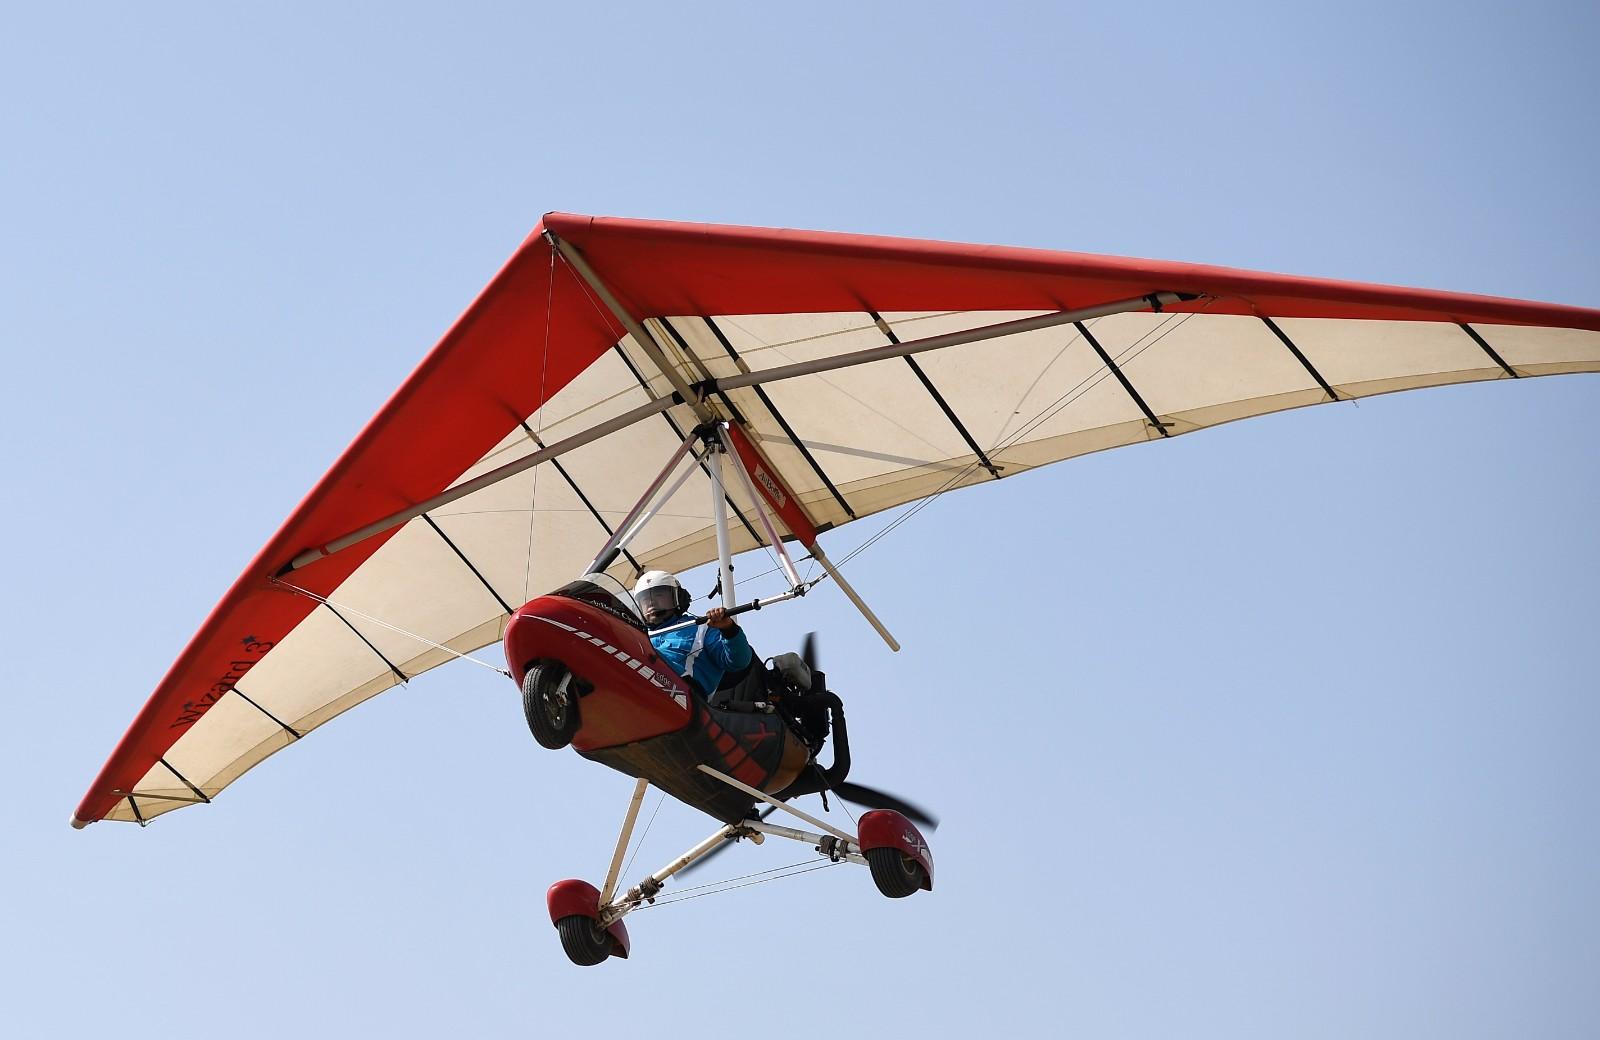 刘亦兵在飞行营地驾驶动力三角翼飞机(6月21日摄)。